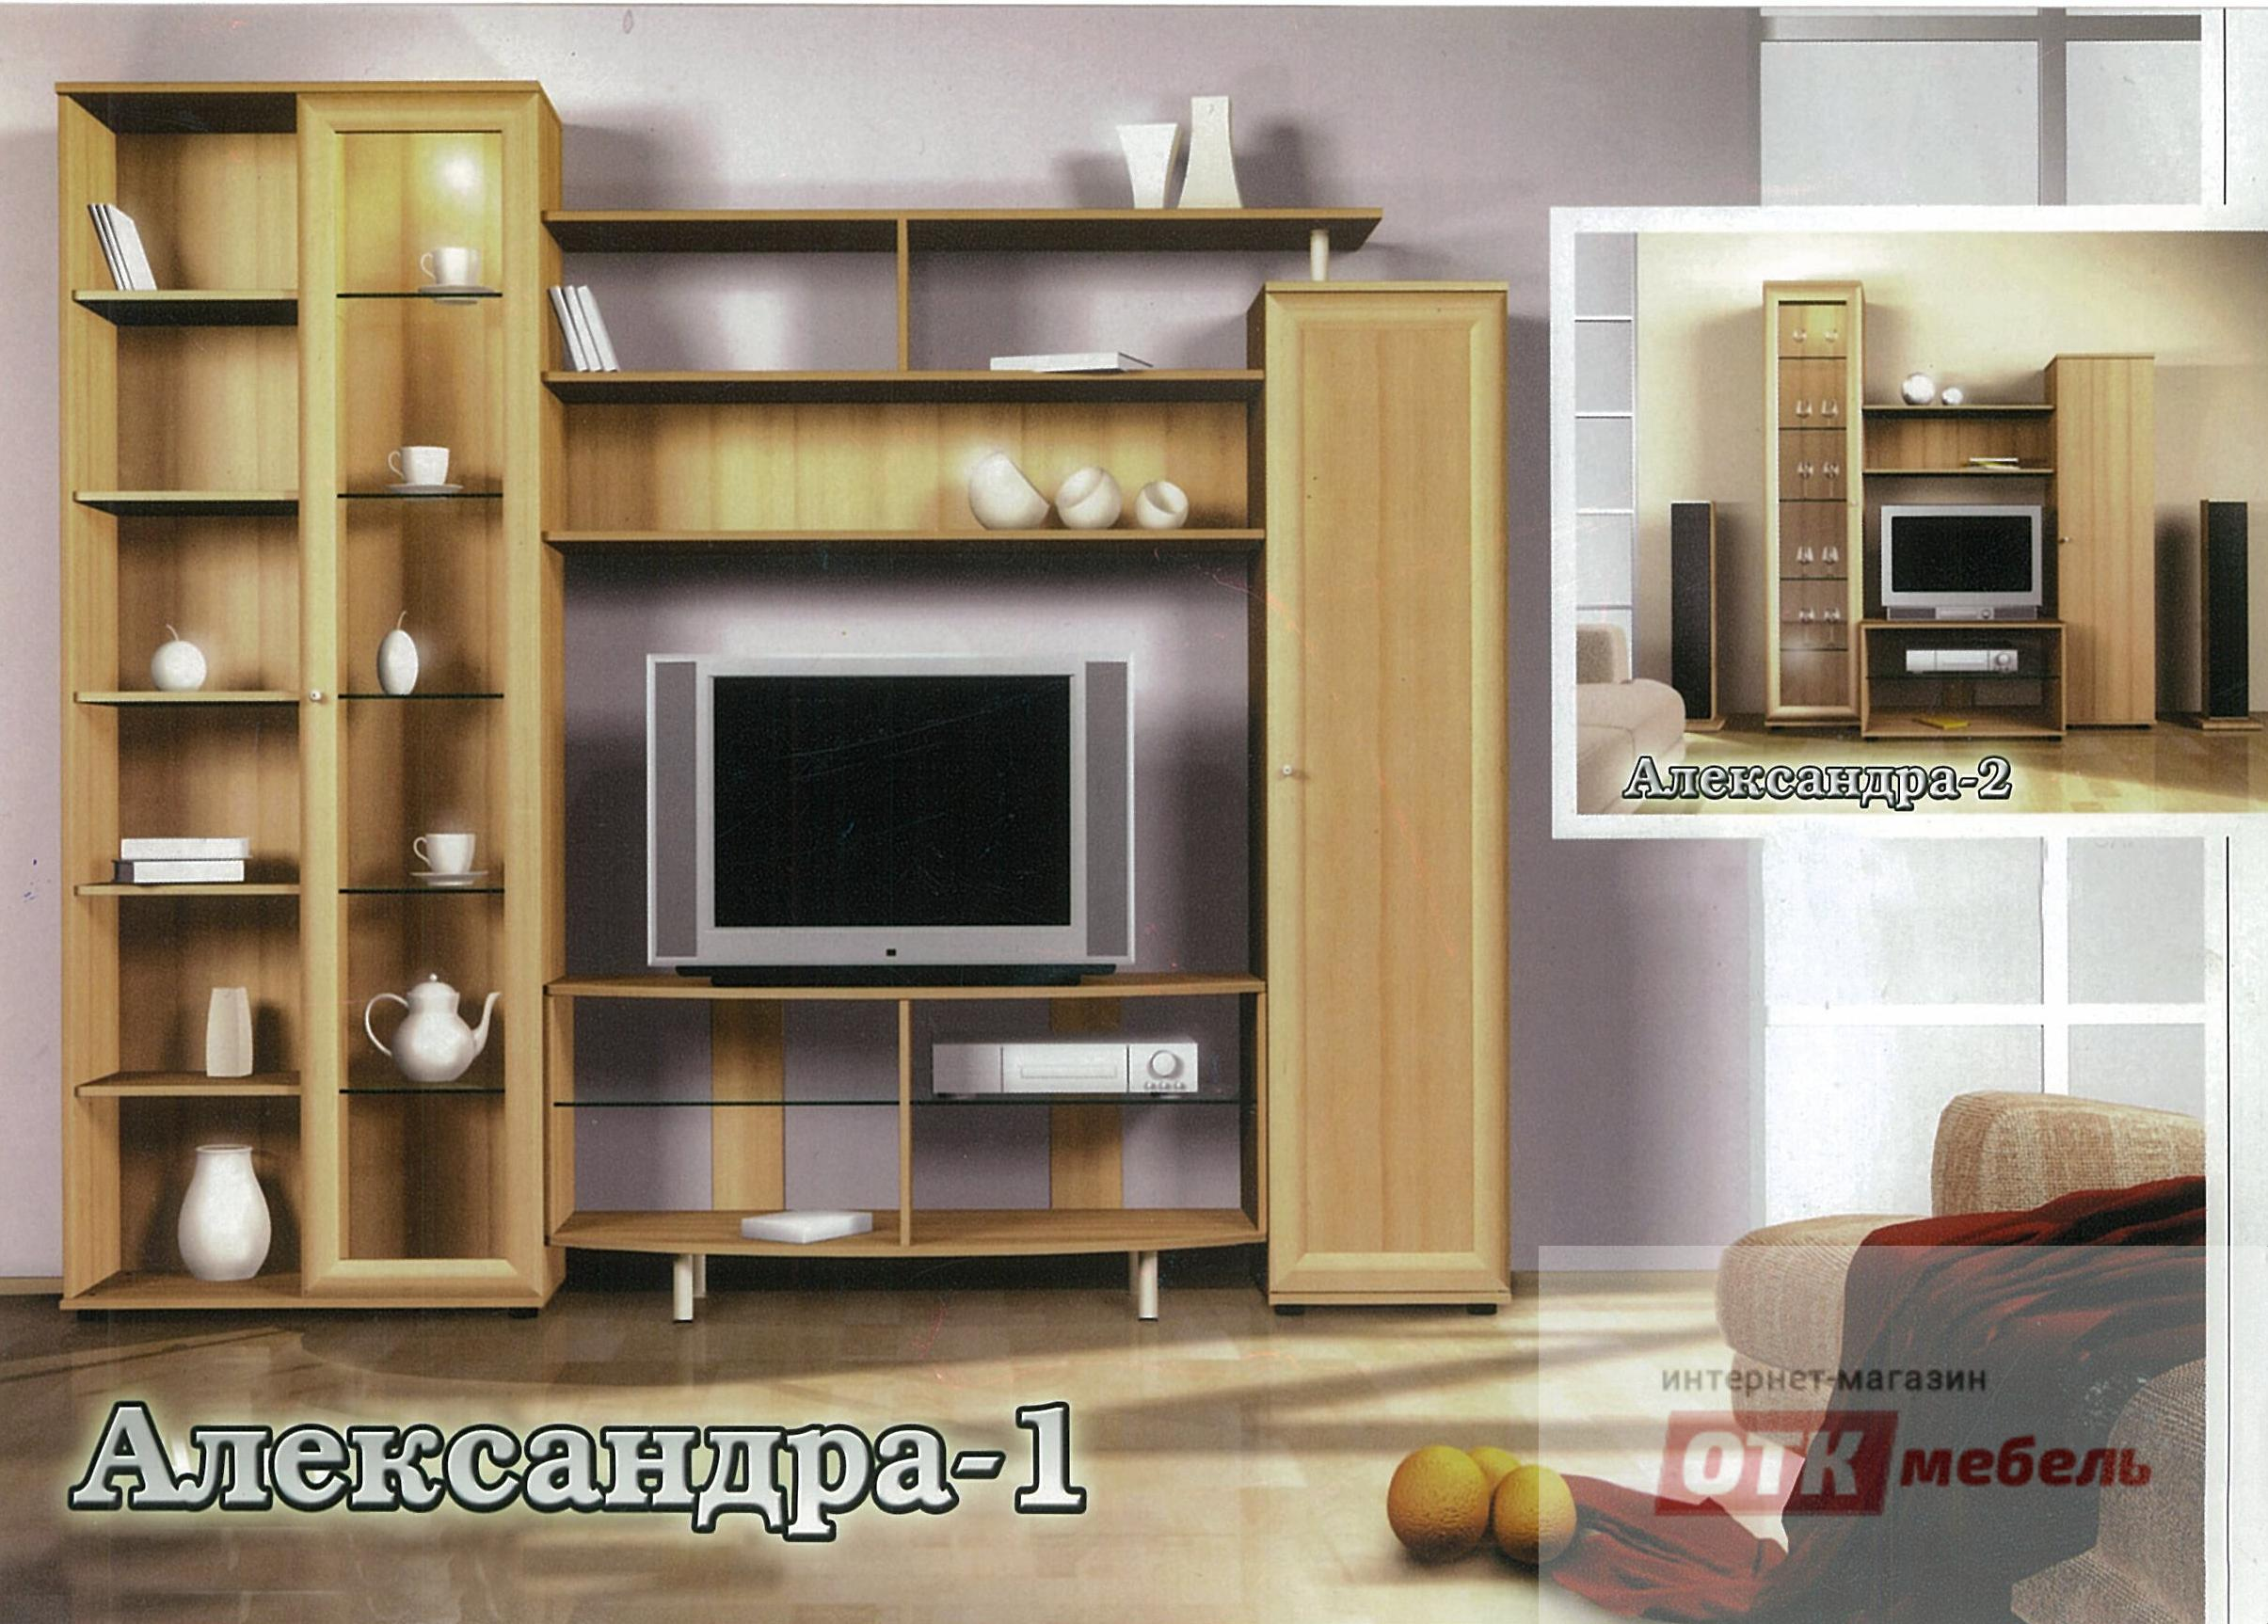 Купить стенку для гостиной александра-1 в москве - интернет-.